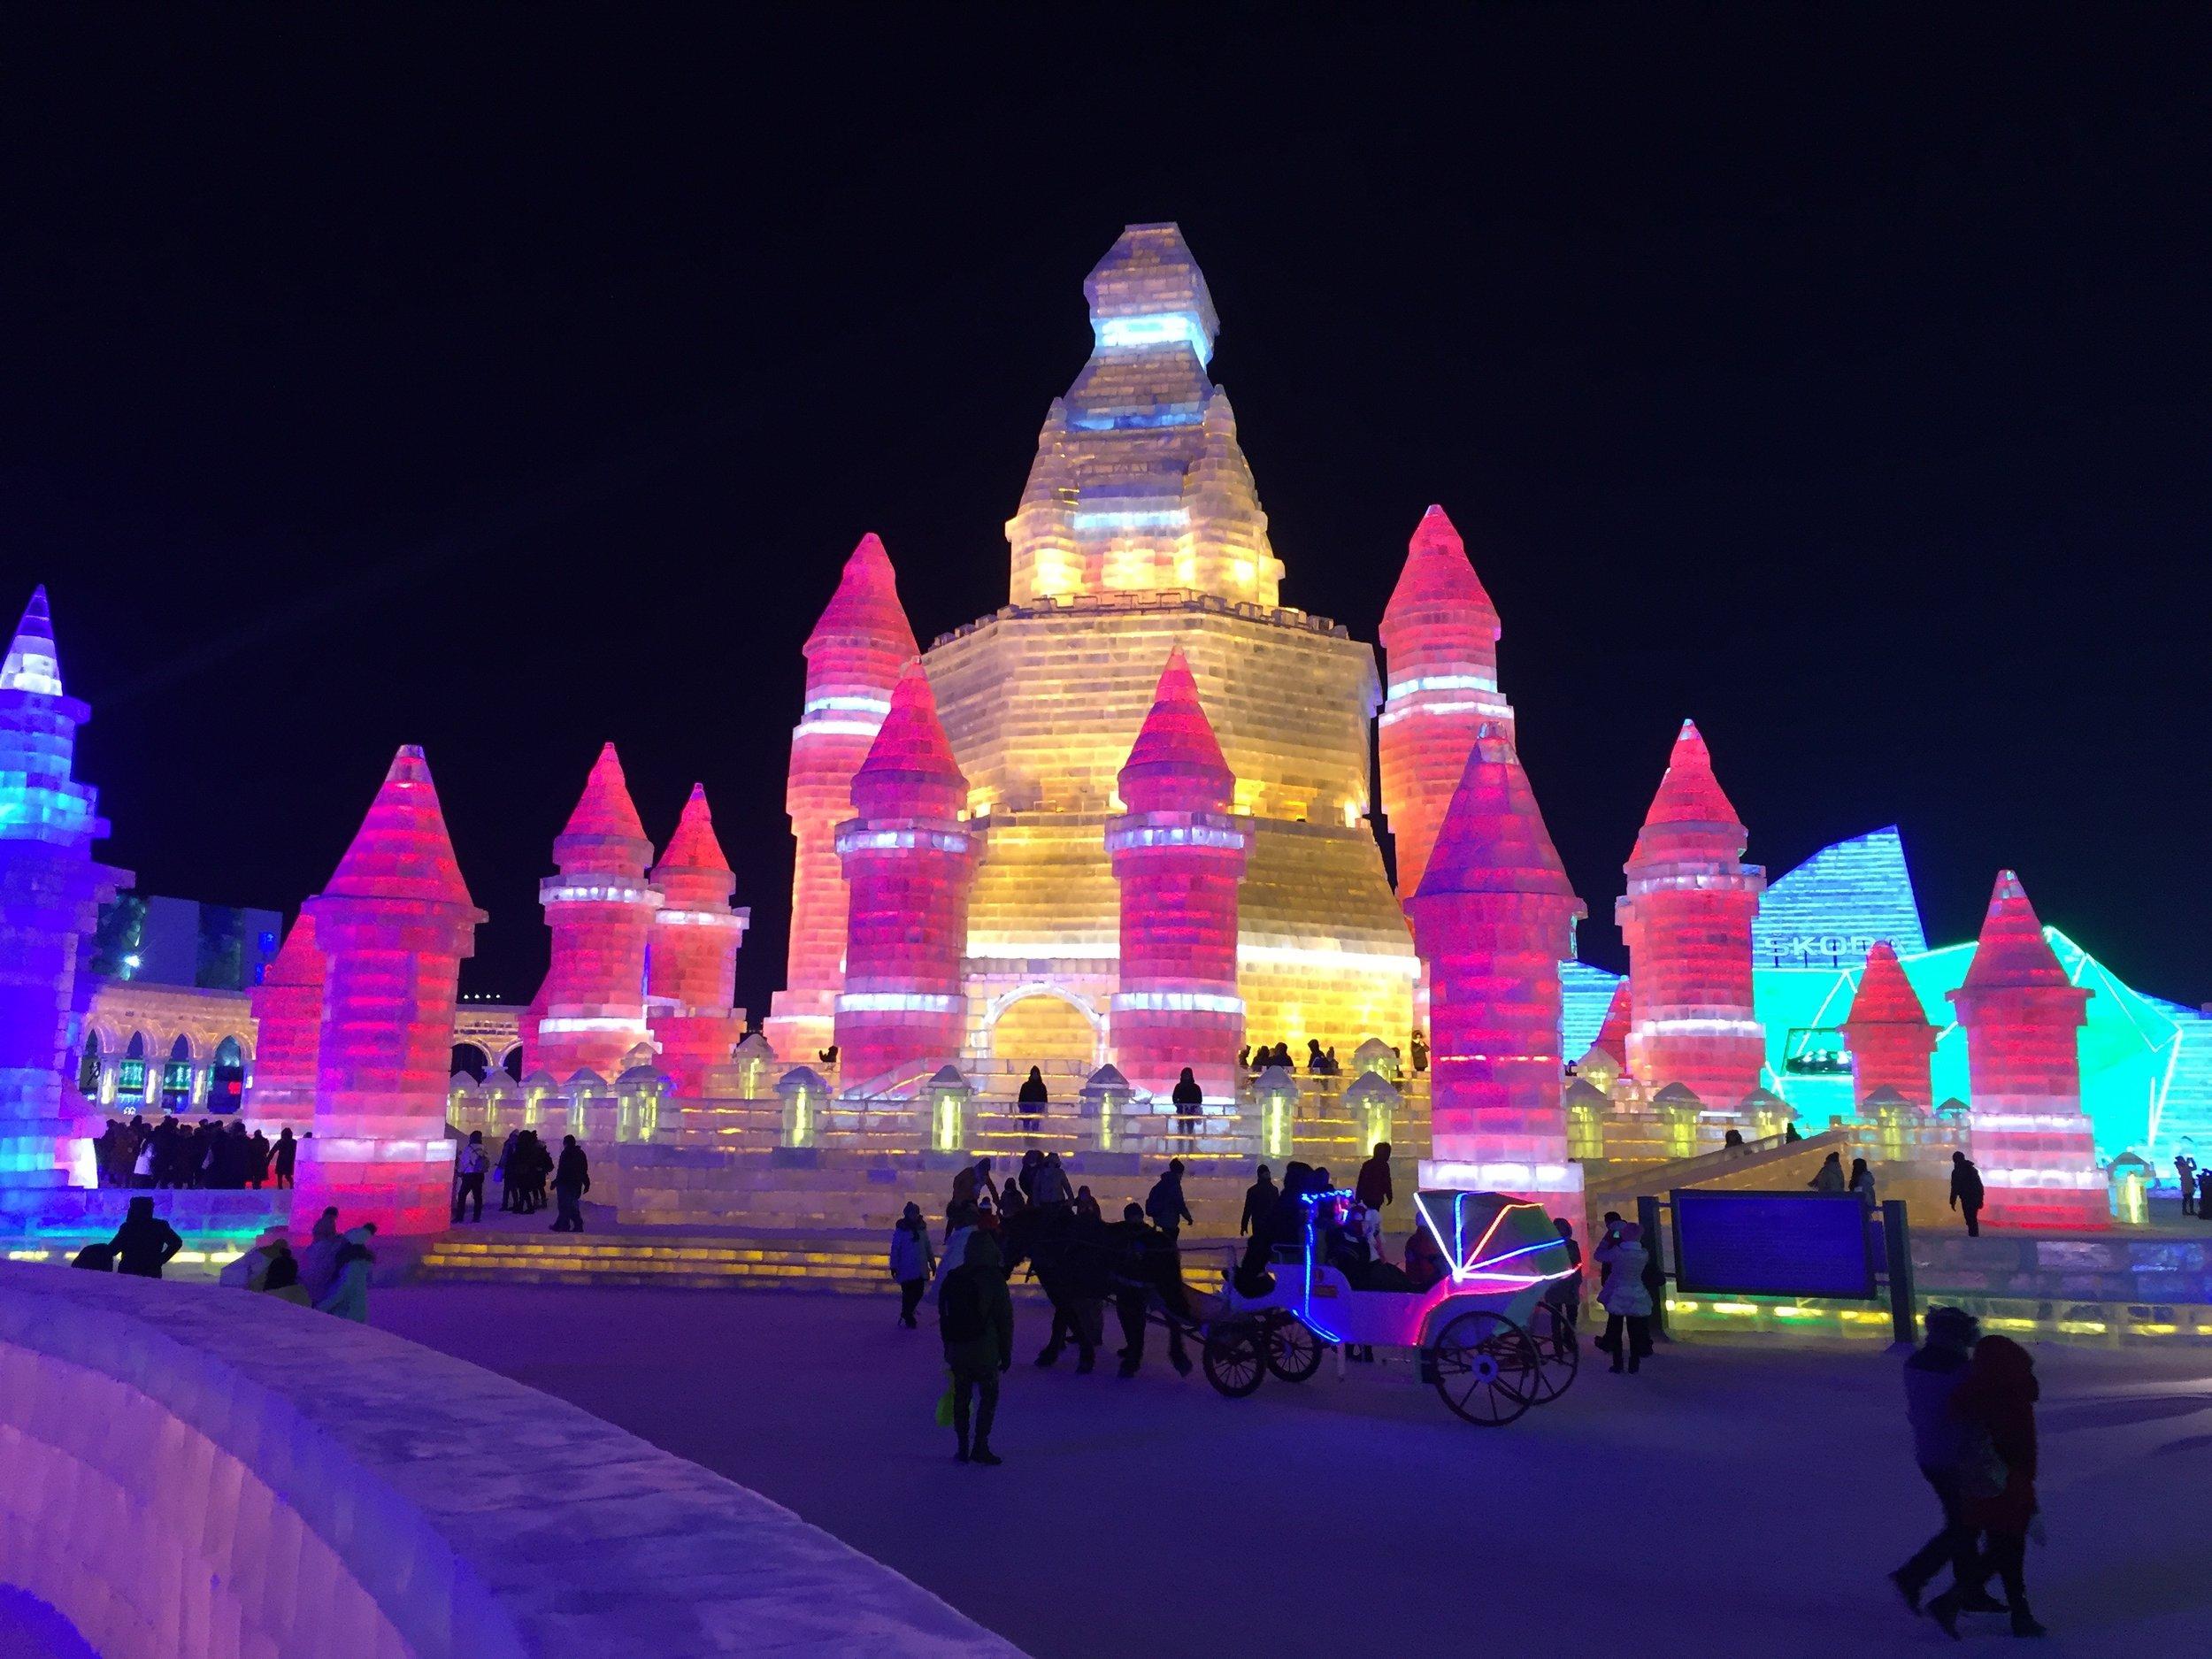 Ice sculptures in Harbin